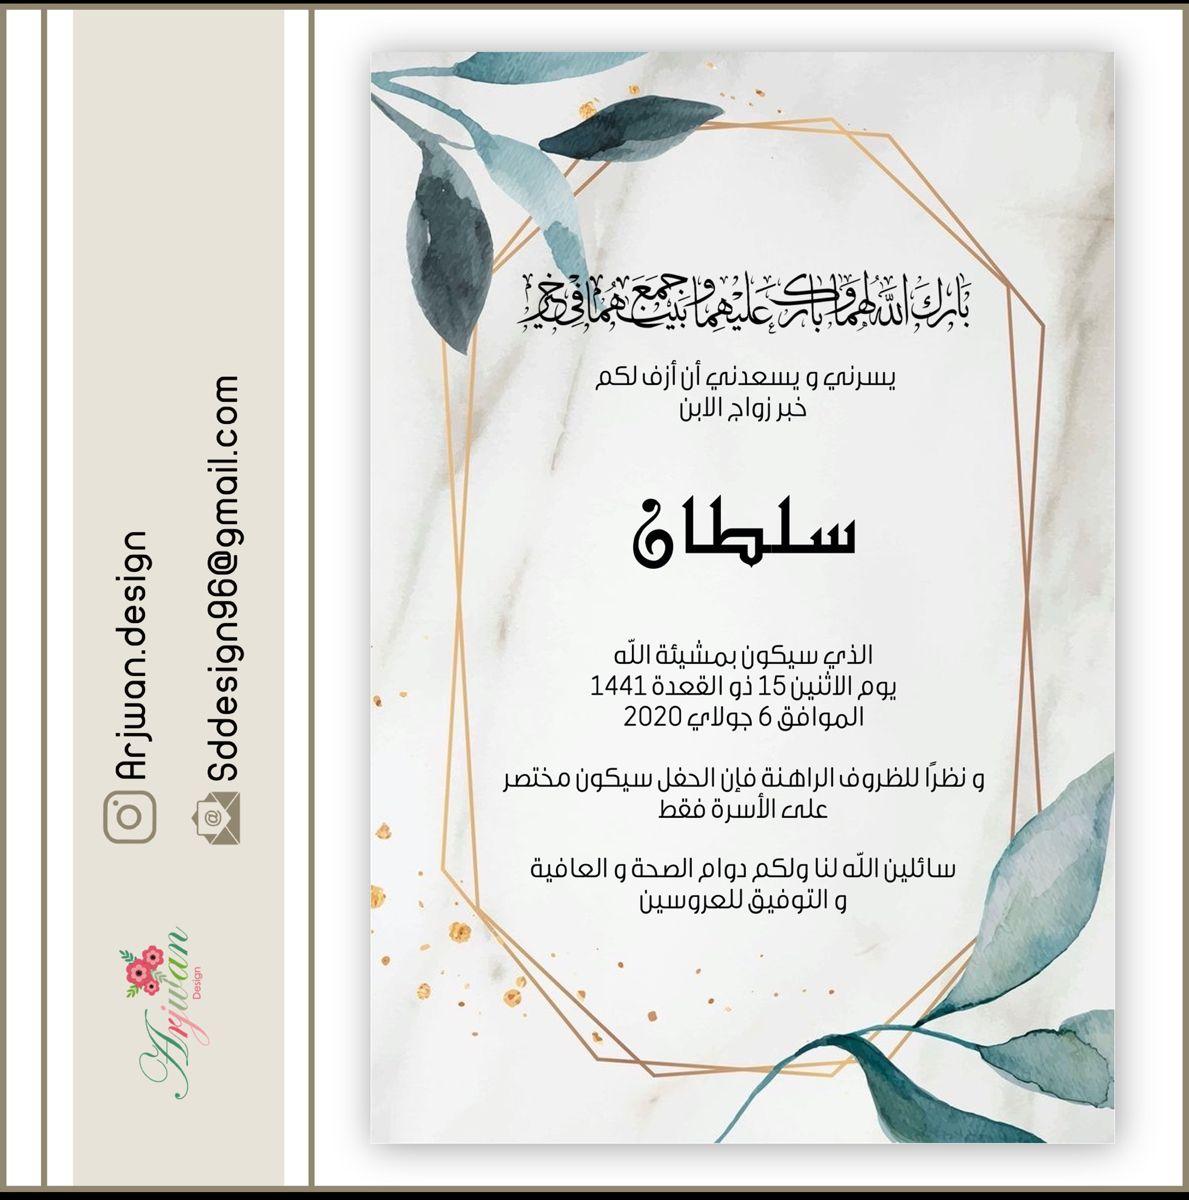 دعوة زفاف Eid Quotes Wedding Saving Islamic Art Pattern